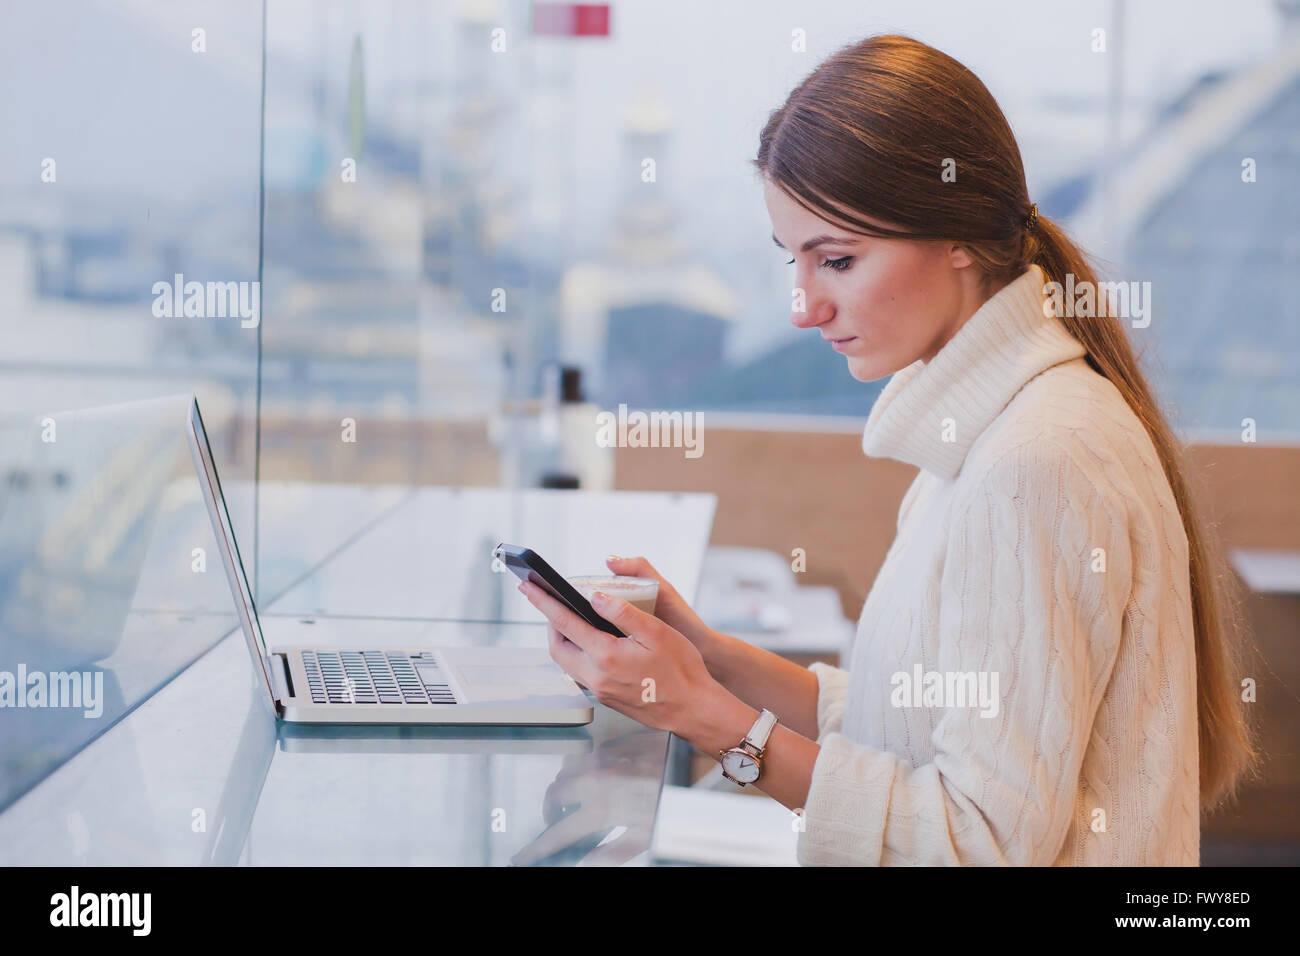 Mujer usando smart phone en la moderna cafetería inerior, aplicación móvil, comprobar el correo electrónico Imagen De Stock